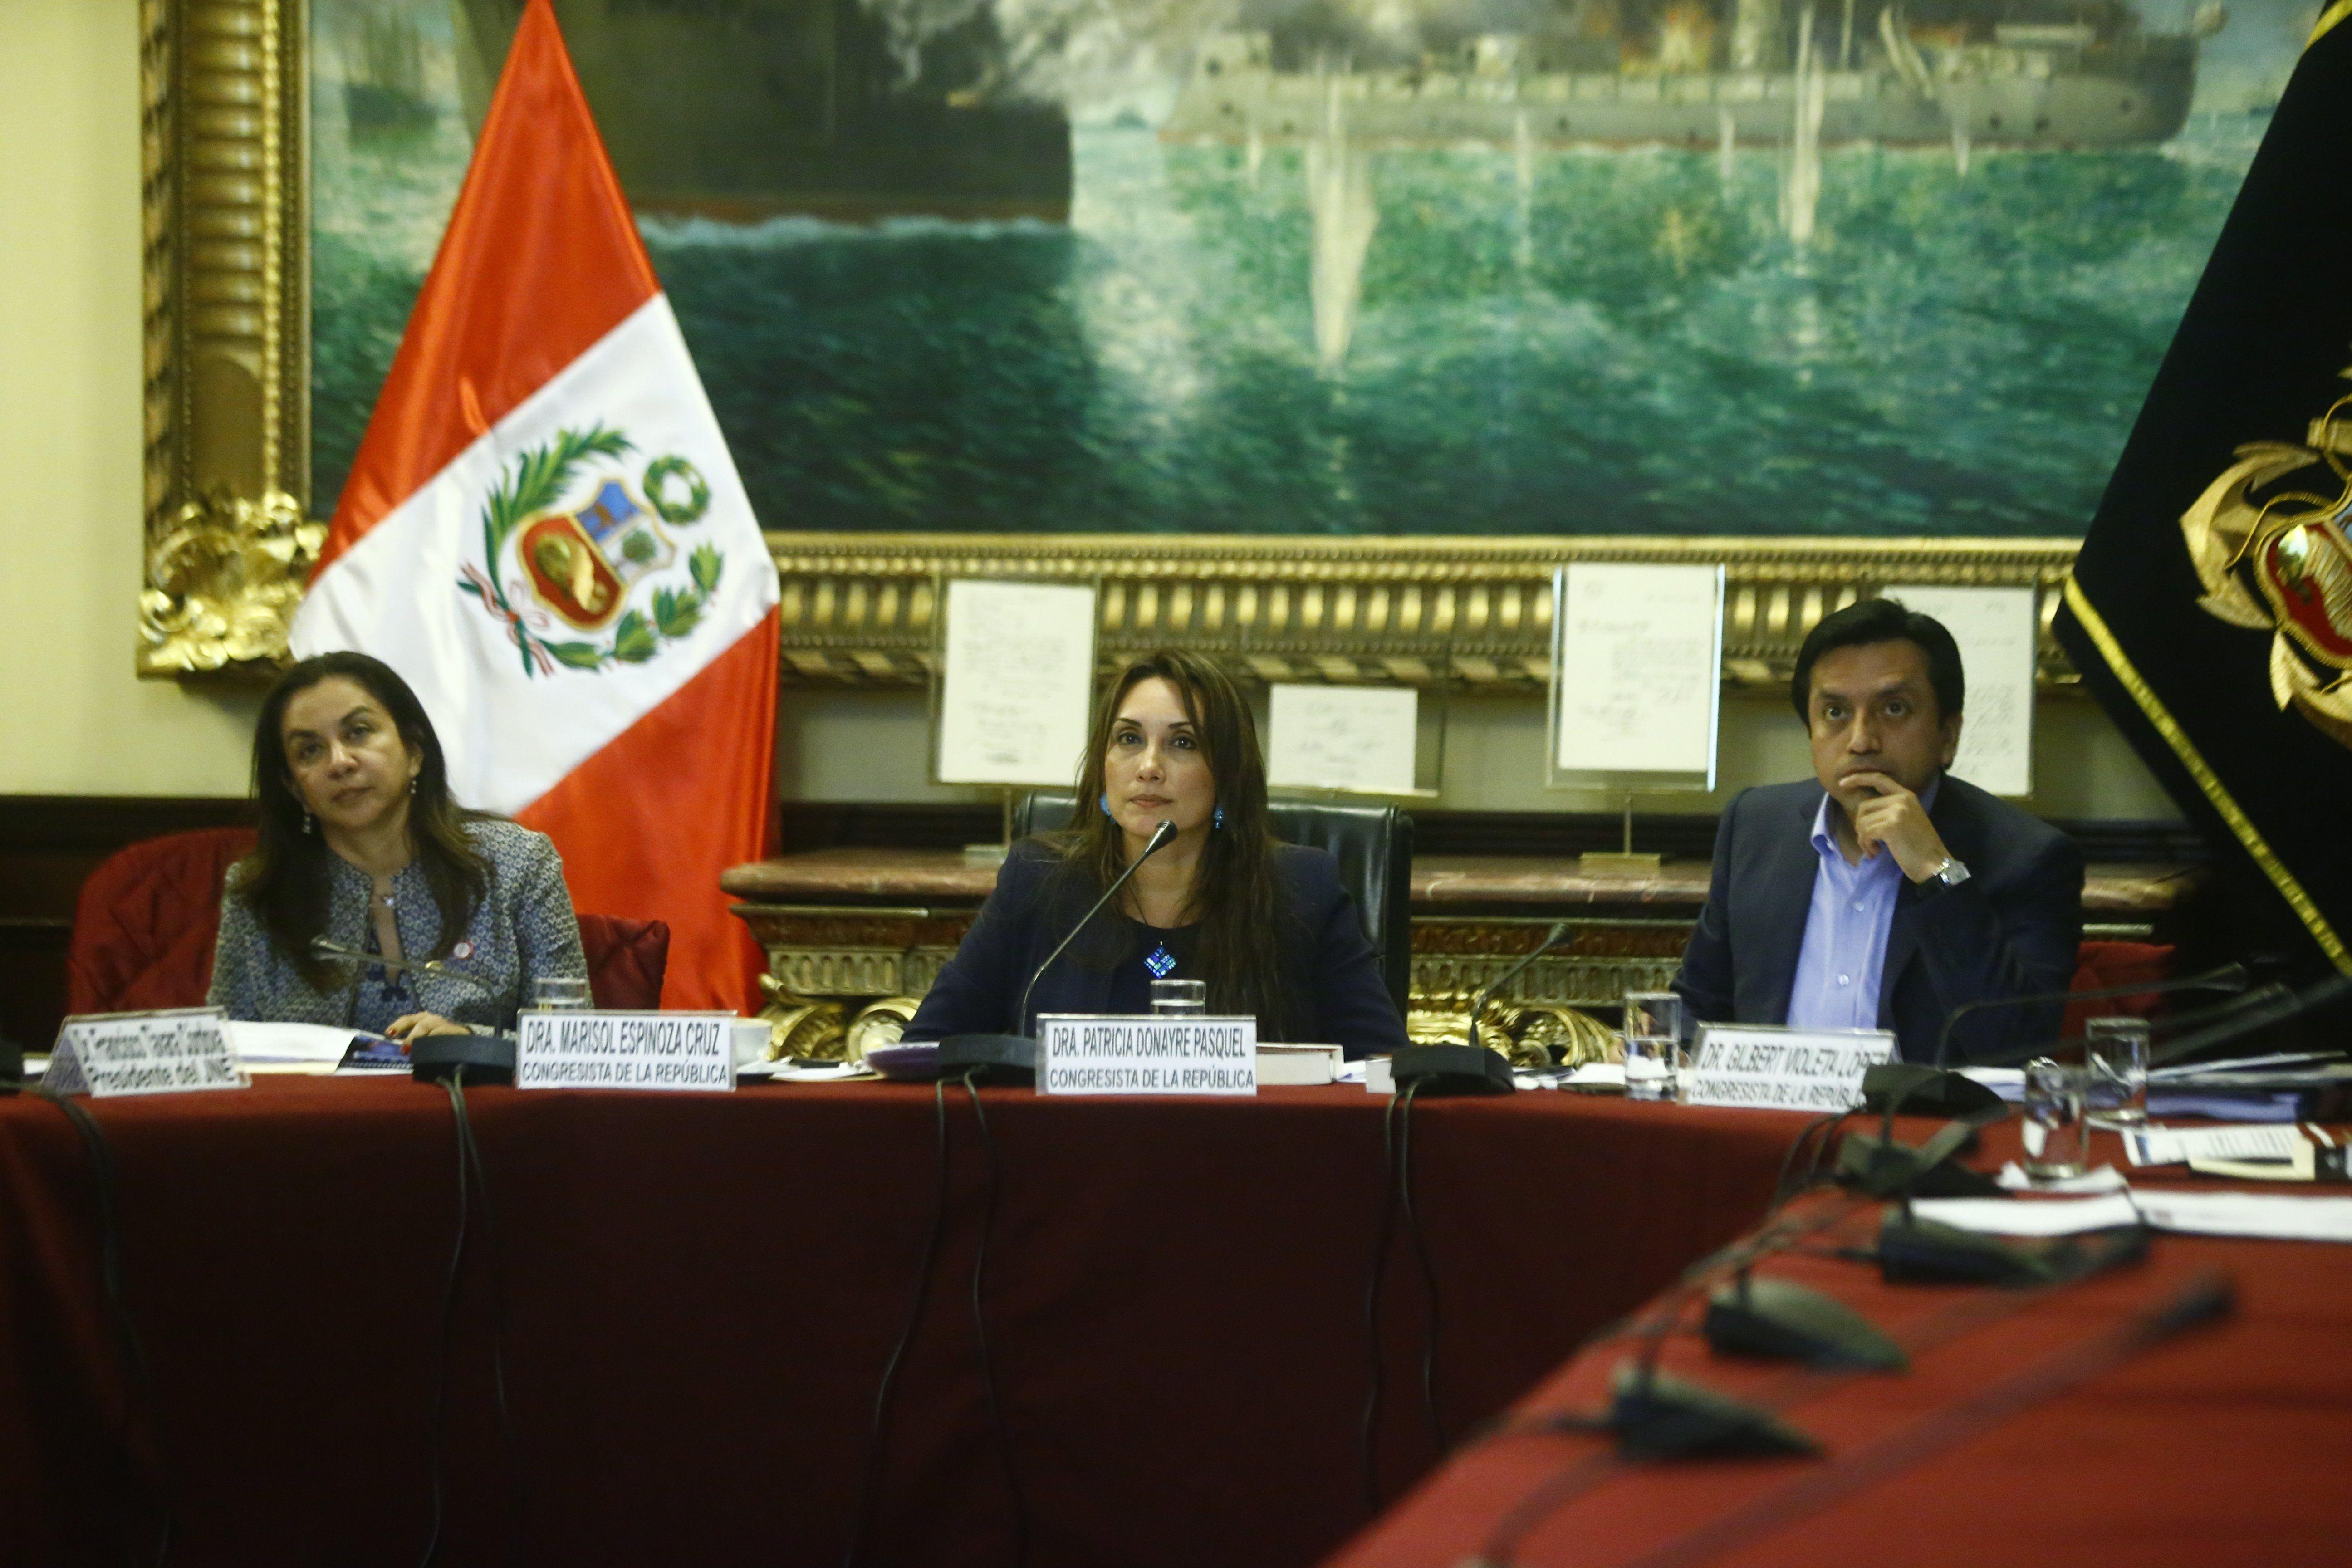 La congresista Patricia Donayre. (Luis Centurión)